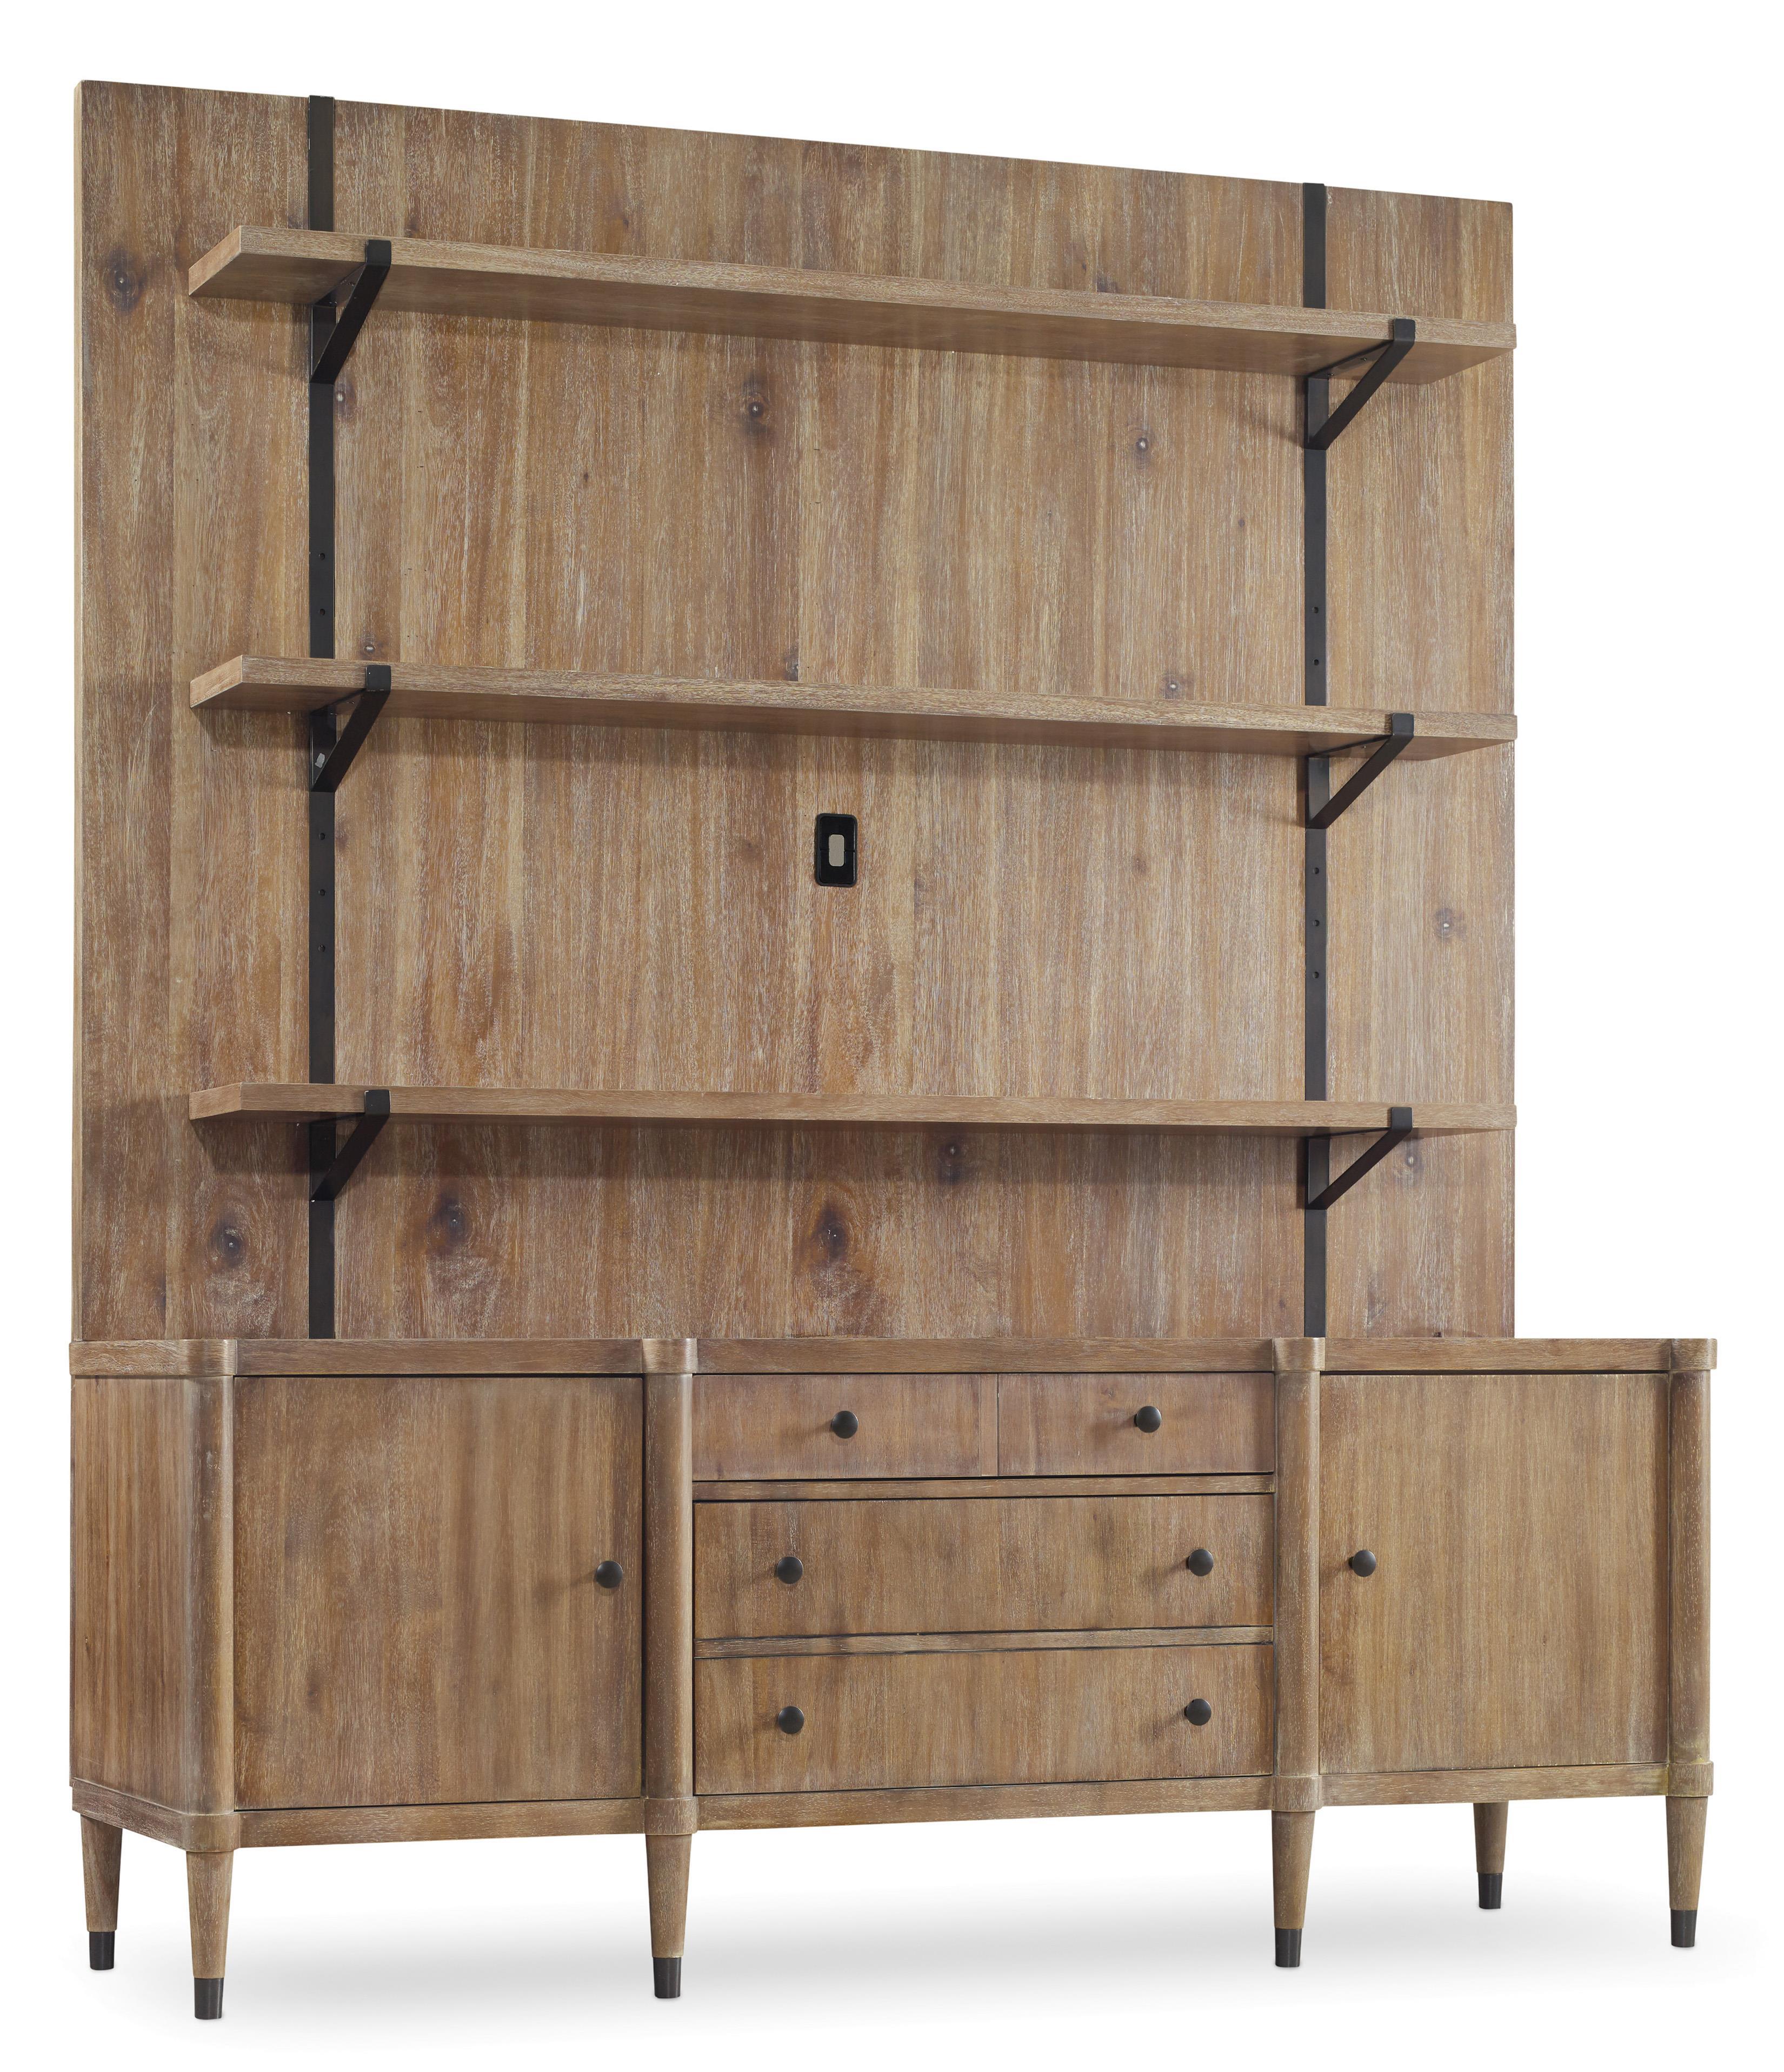 Hooker Furniture Studio 7H Vennesla Credenza with Hutch - Item Number: 5382-85001+2